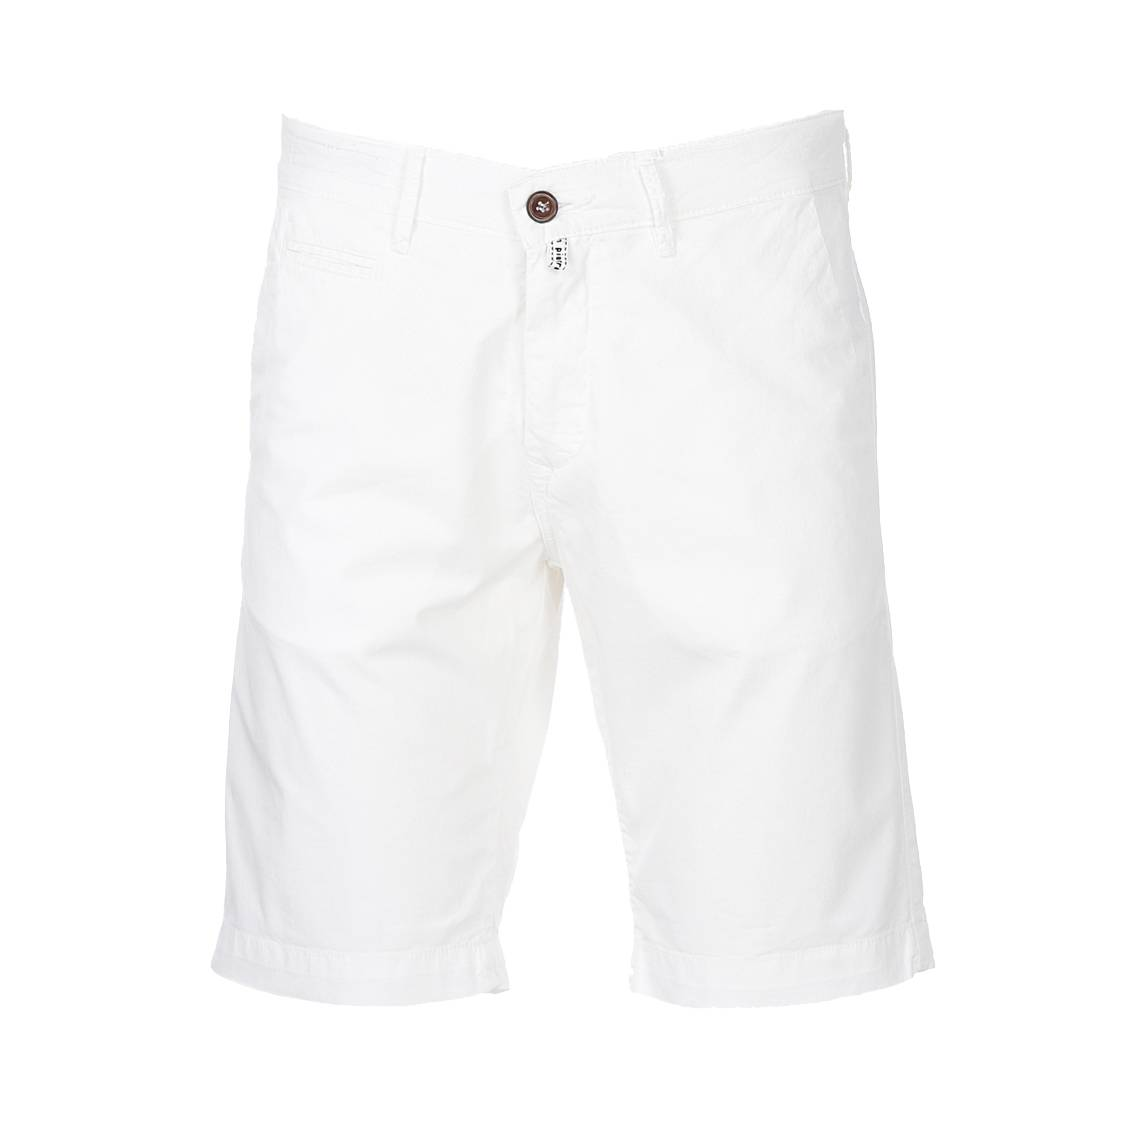 Short chino  lyon en coton stretch blanc